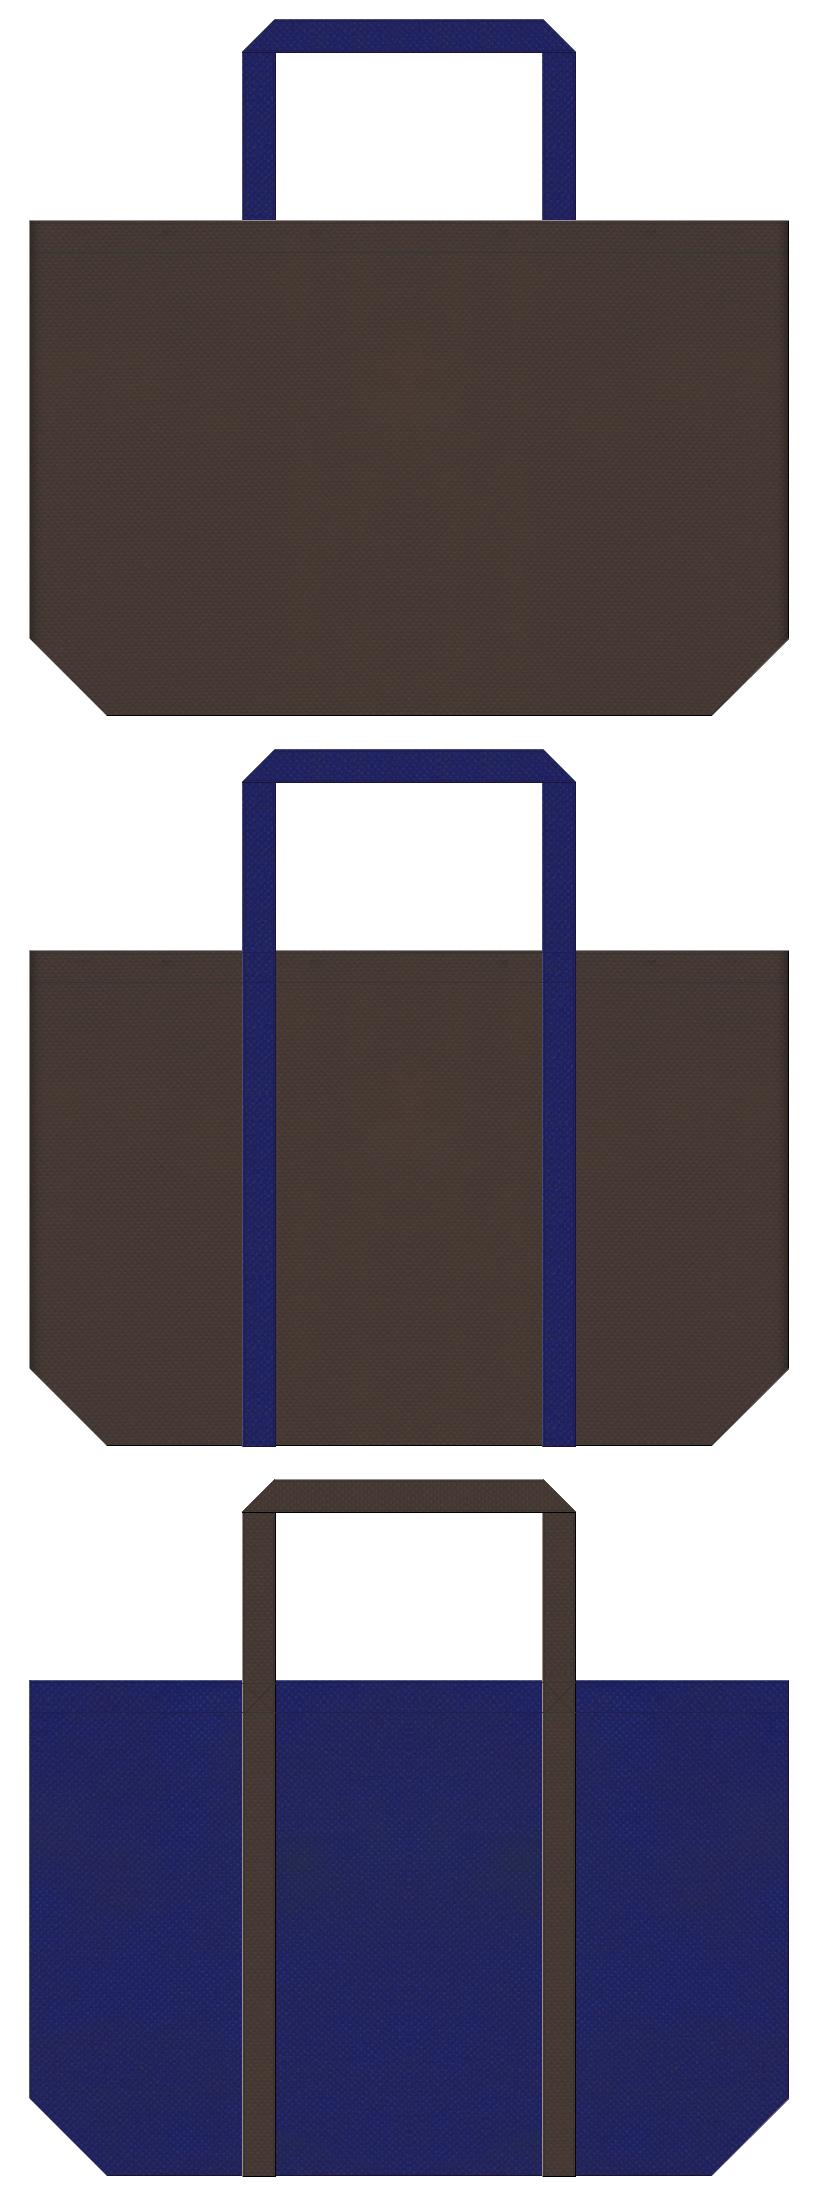 こげ茶色と明るい紺色の不織布ショッピングバッグデザイン。